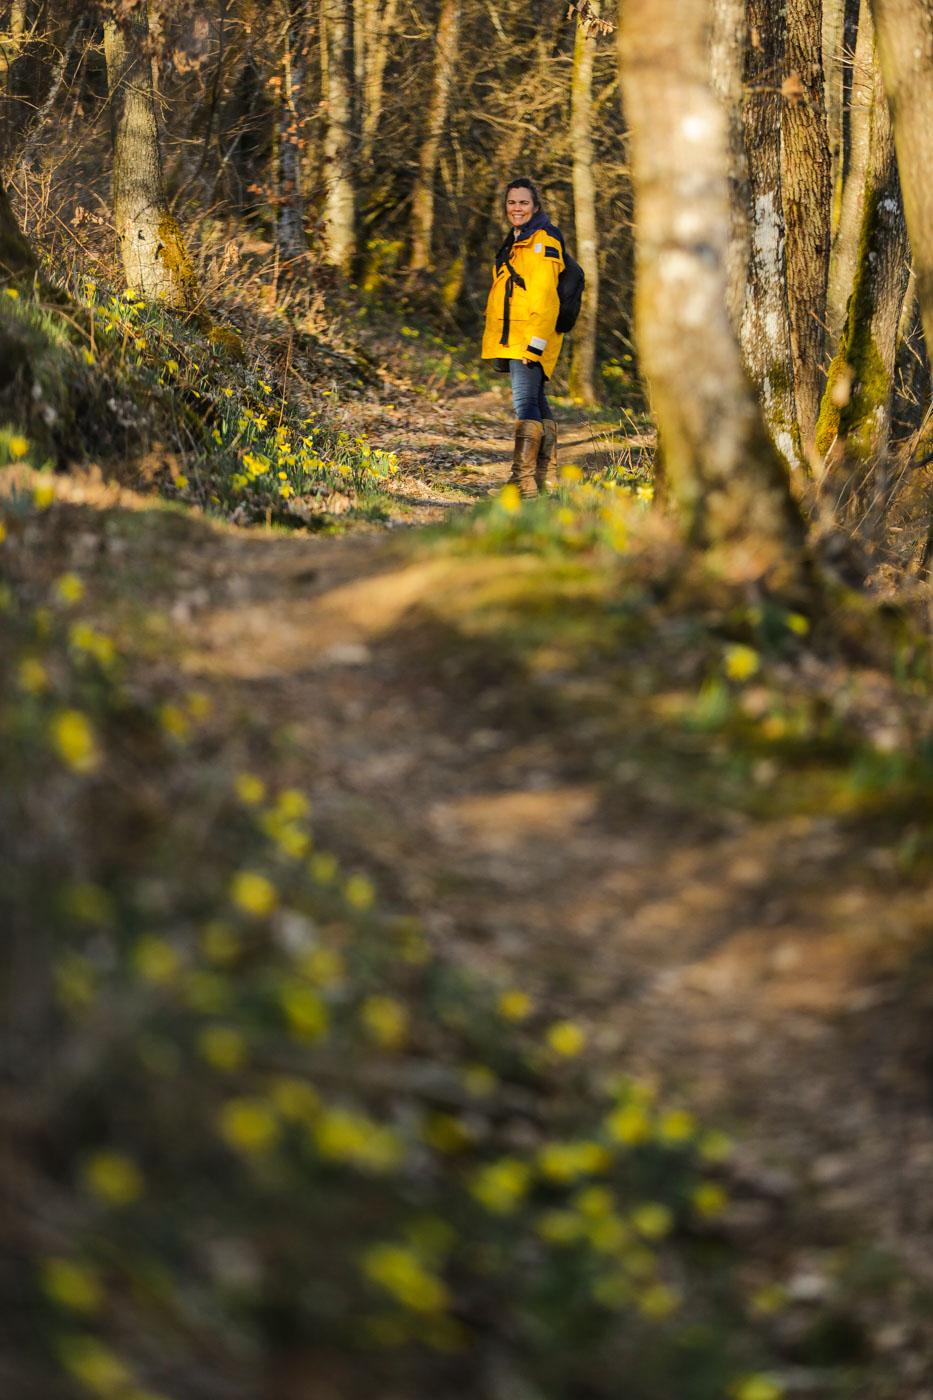 diariesof-daffodils-forest-lellingen-luxembourg-9805